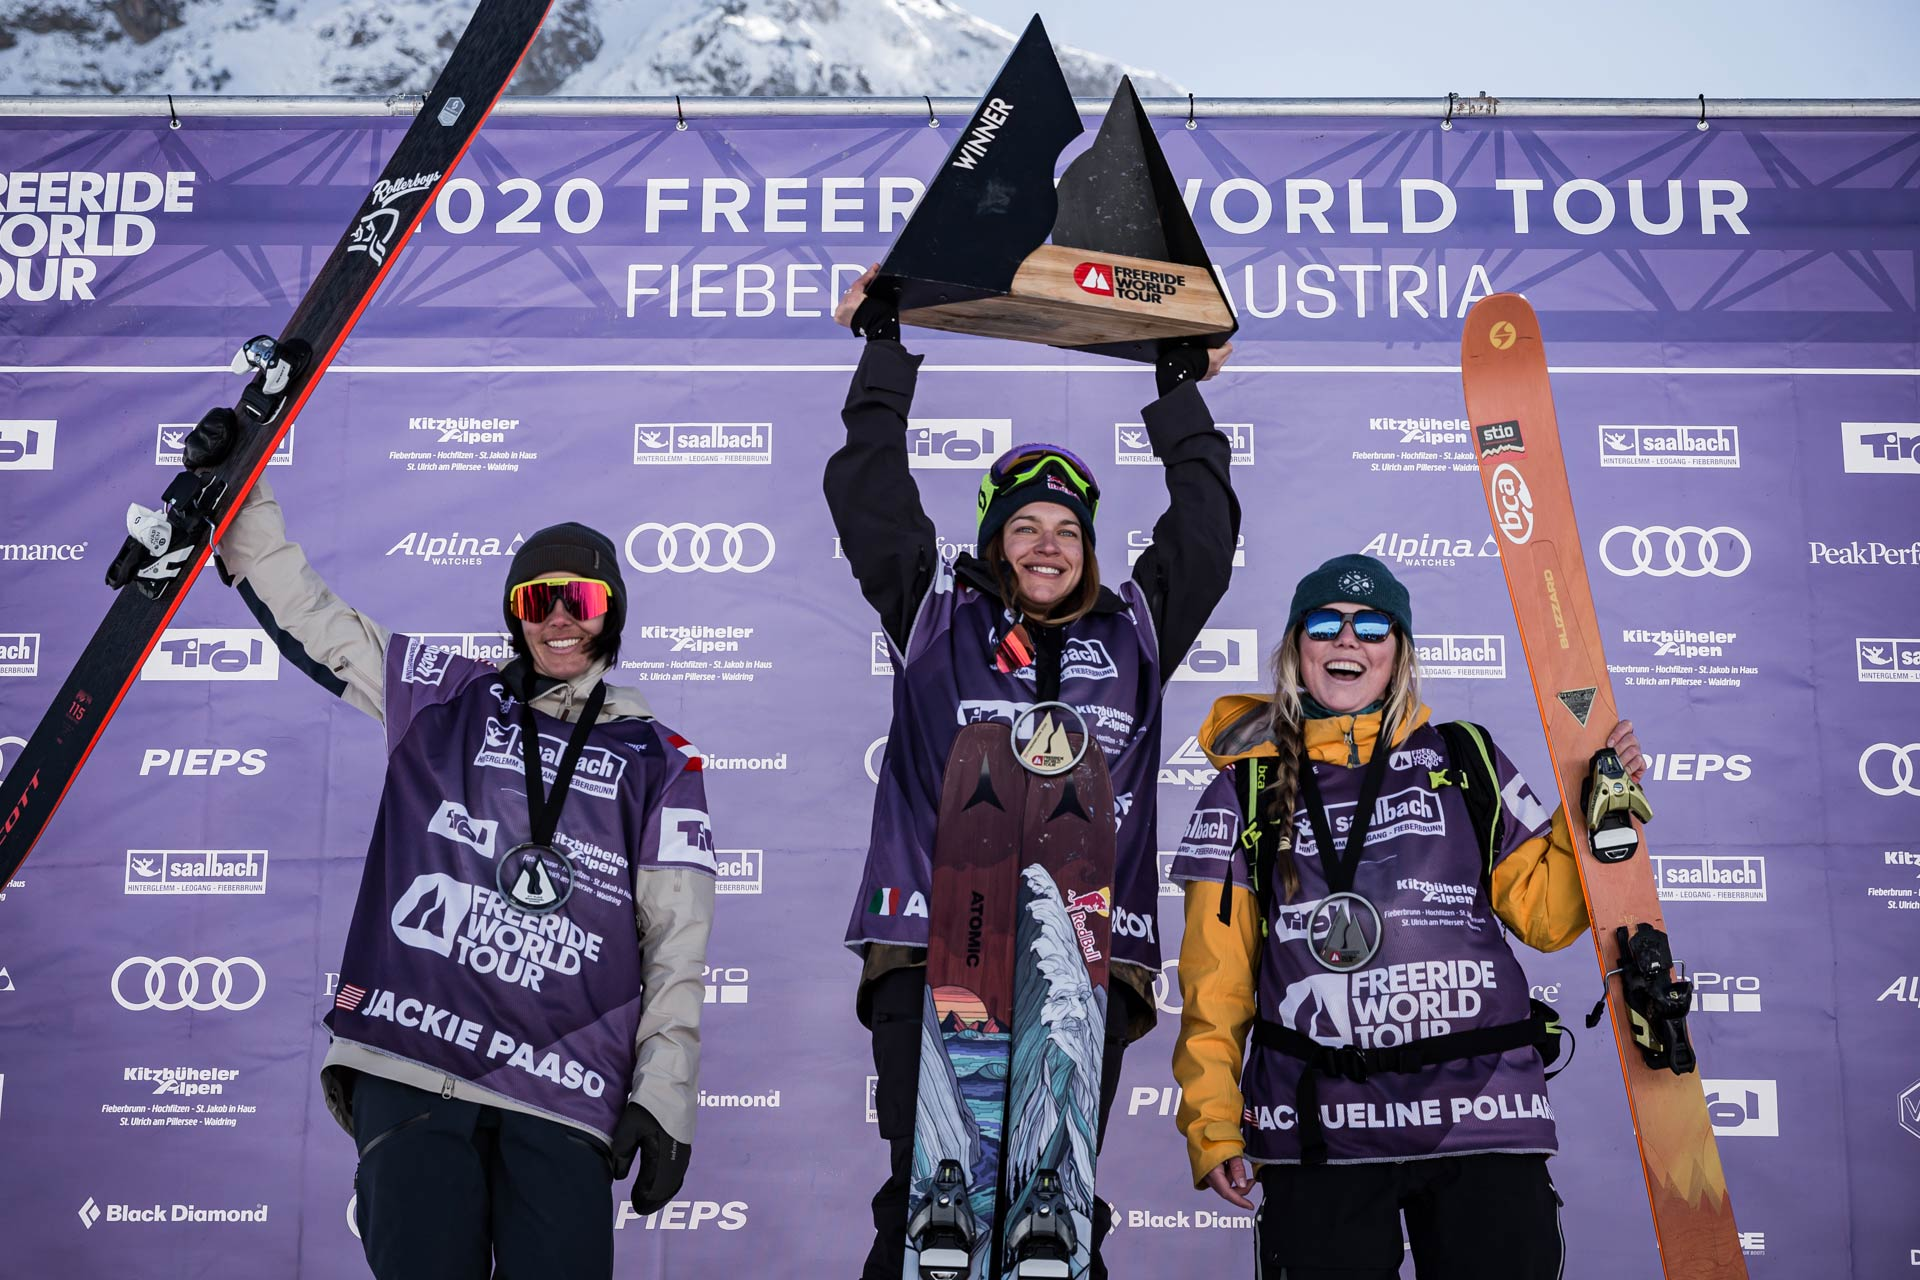 Die drei besten Frauen beim Freeride World Tour 2020 Contest in Fieberbrunn: Jaclyn Paaso, Arianna Tricomi, Jaqueline Pollard - Foto: freerideworldtour.com / D. Daher